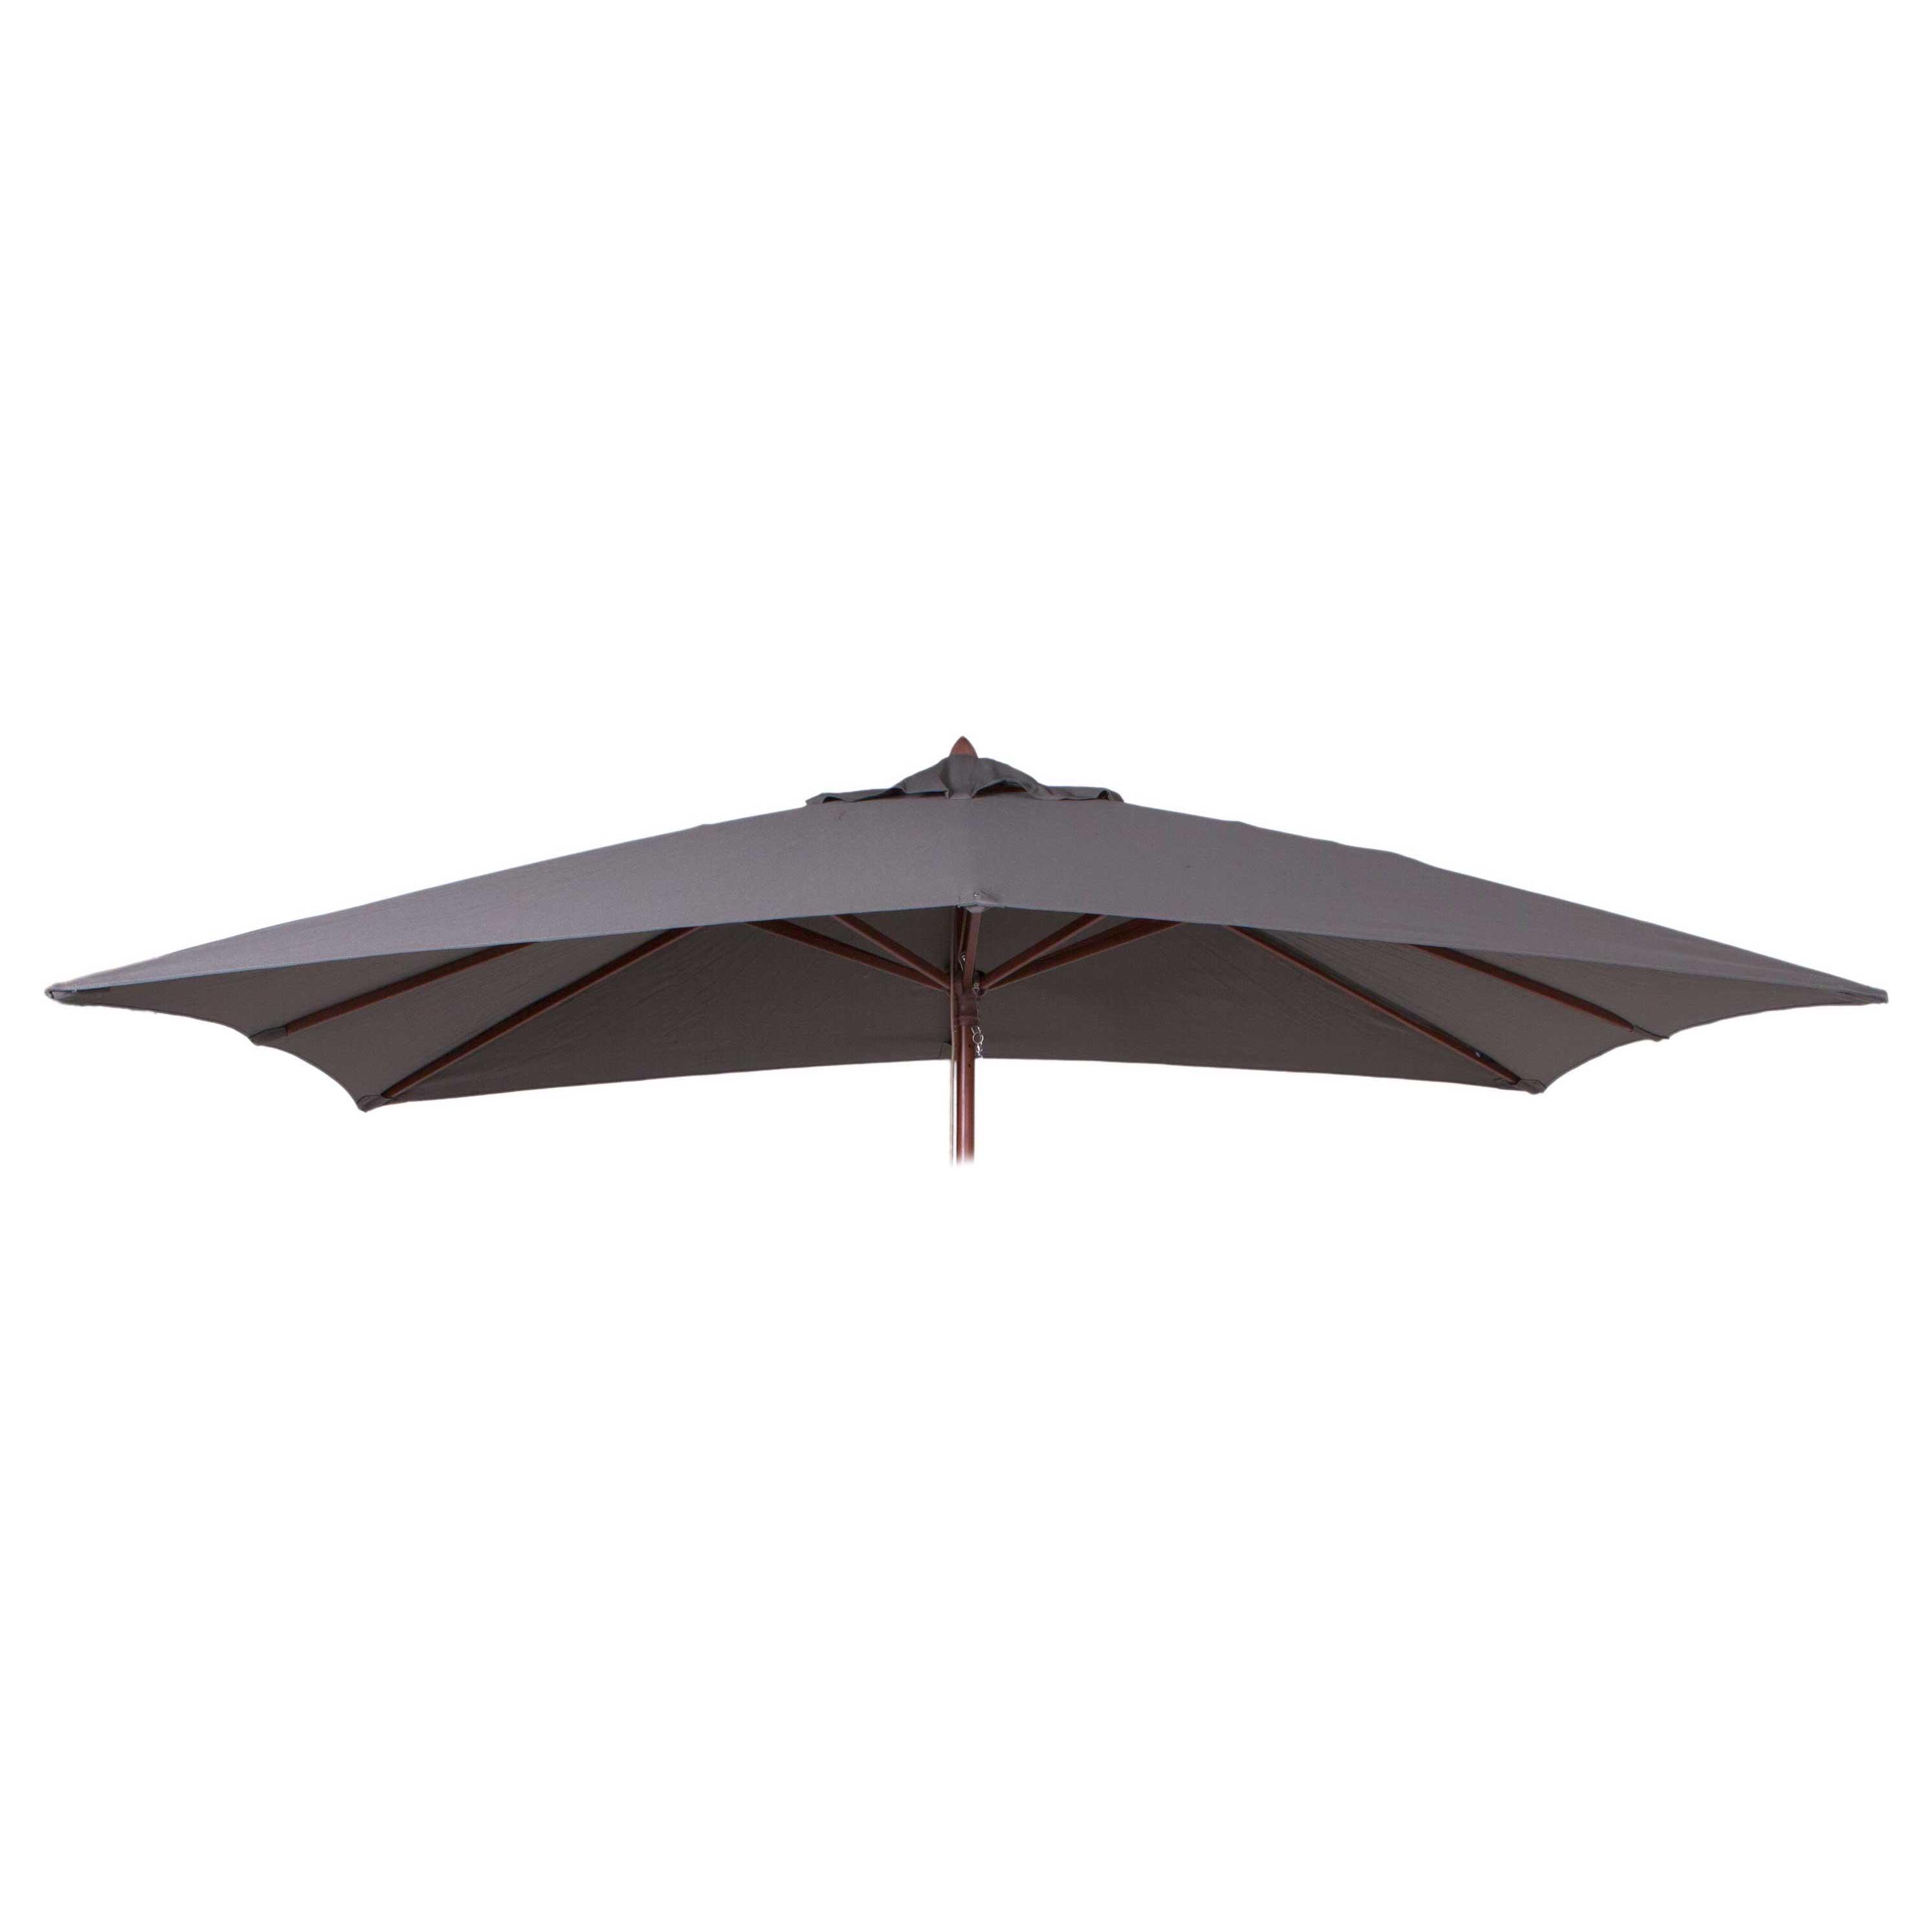 Parasoldoek Borek 150x200cm rechthoek grijs (olefin)